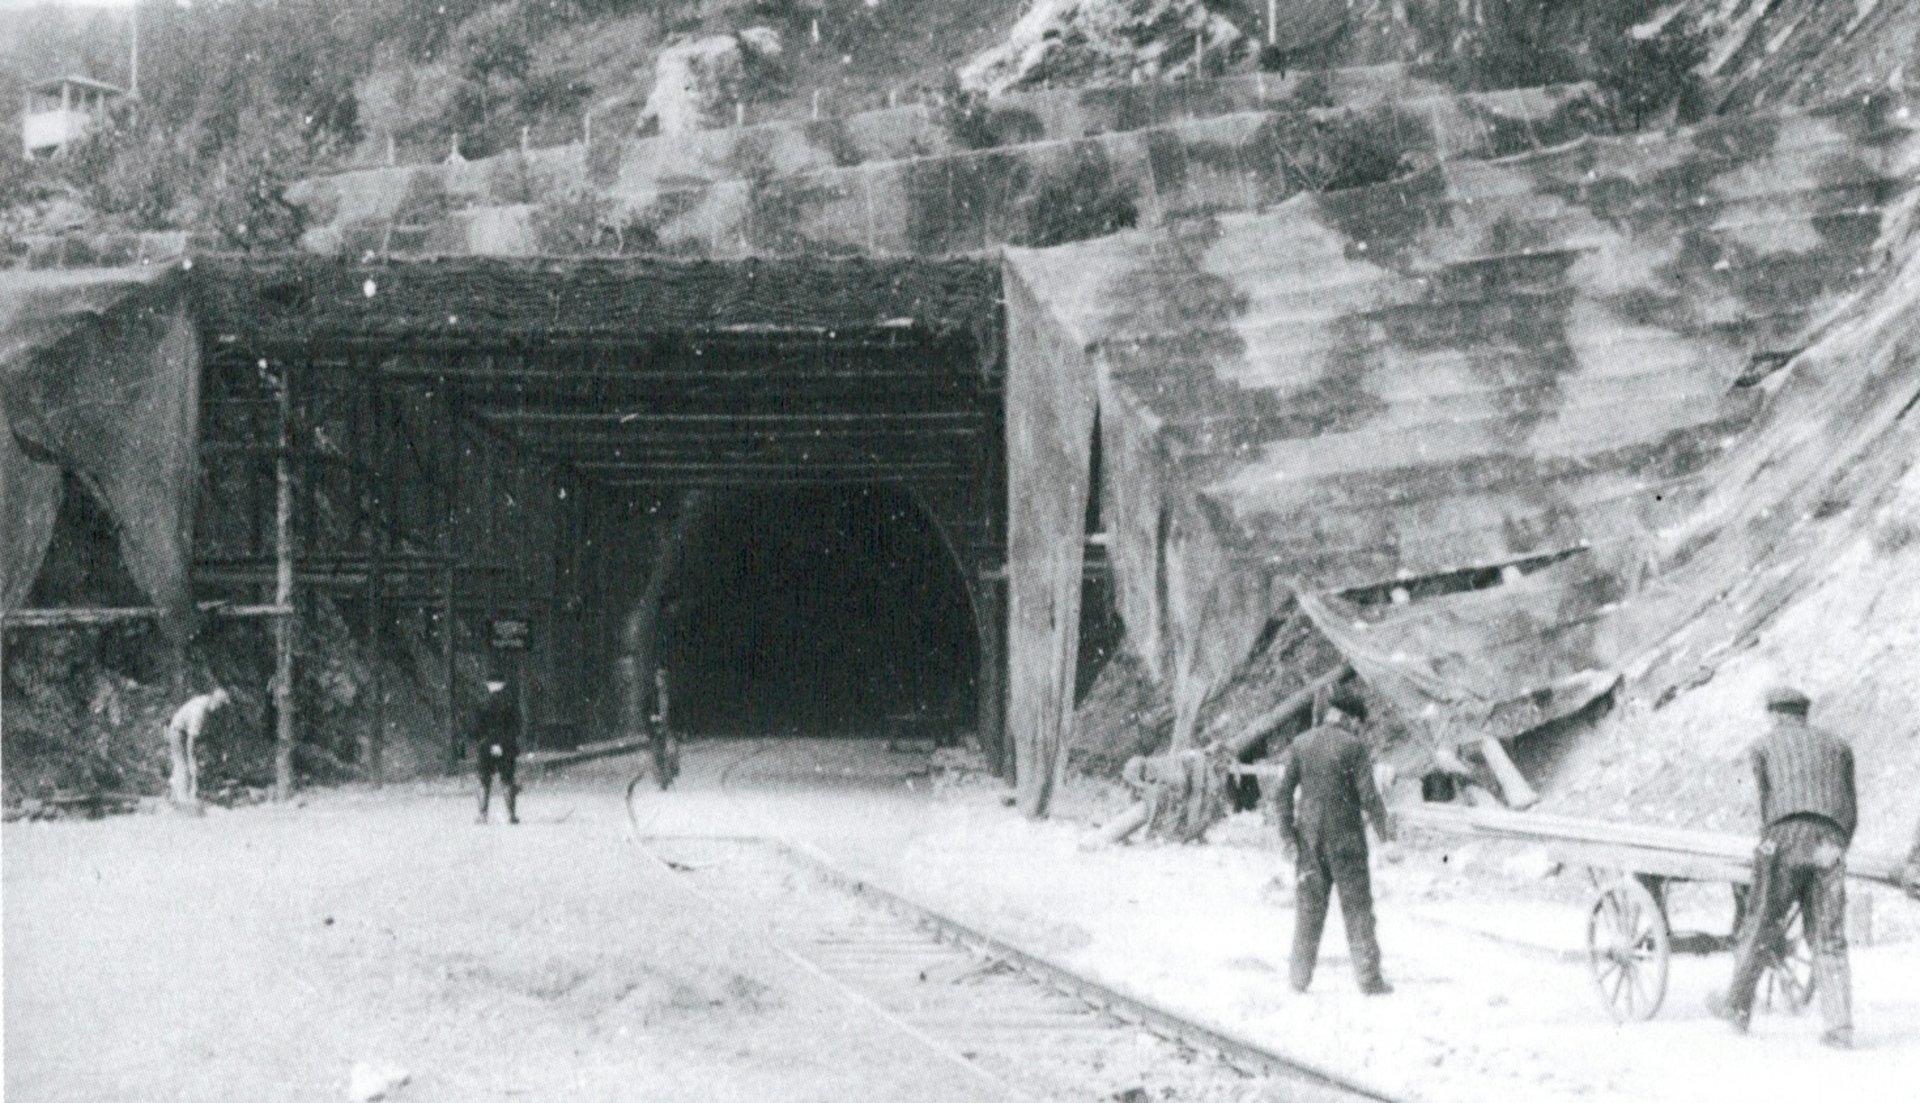 Un recluso del recinto secundario de Dora empuja un carro hacia la entrada del profundo sistema de túneles que albergaa la producción de cohetes V2. 1944